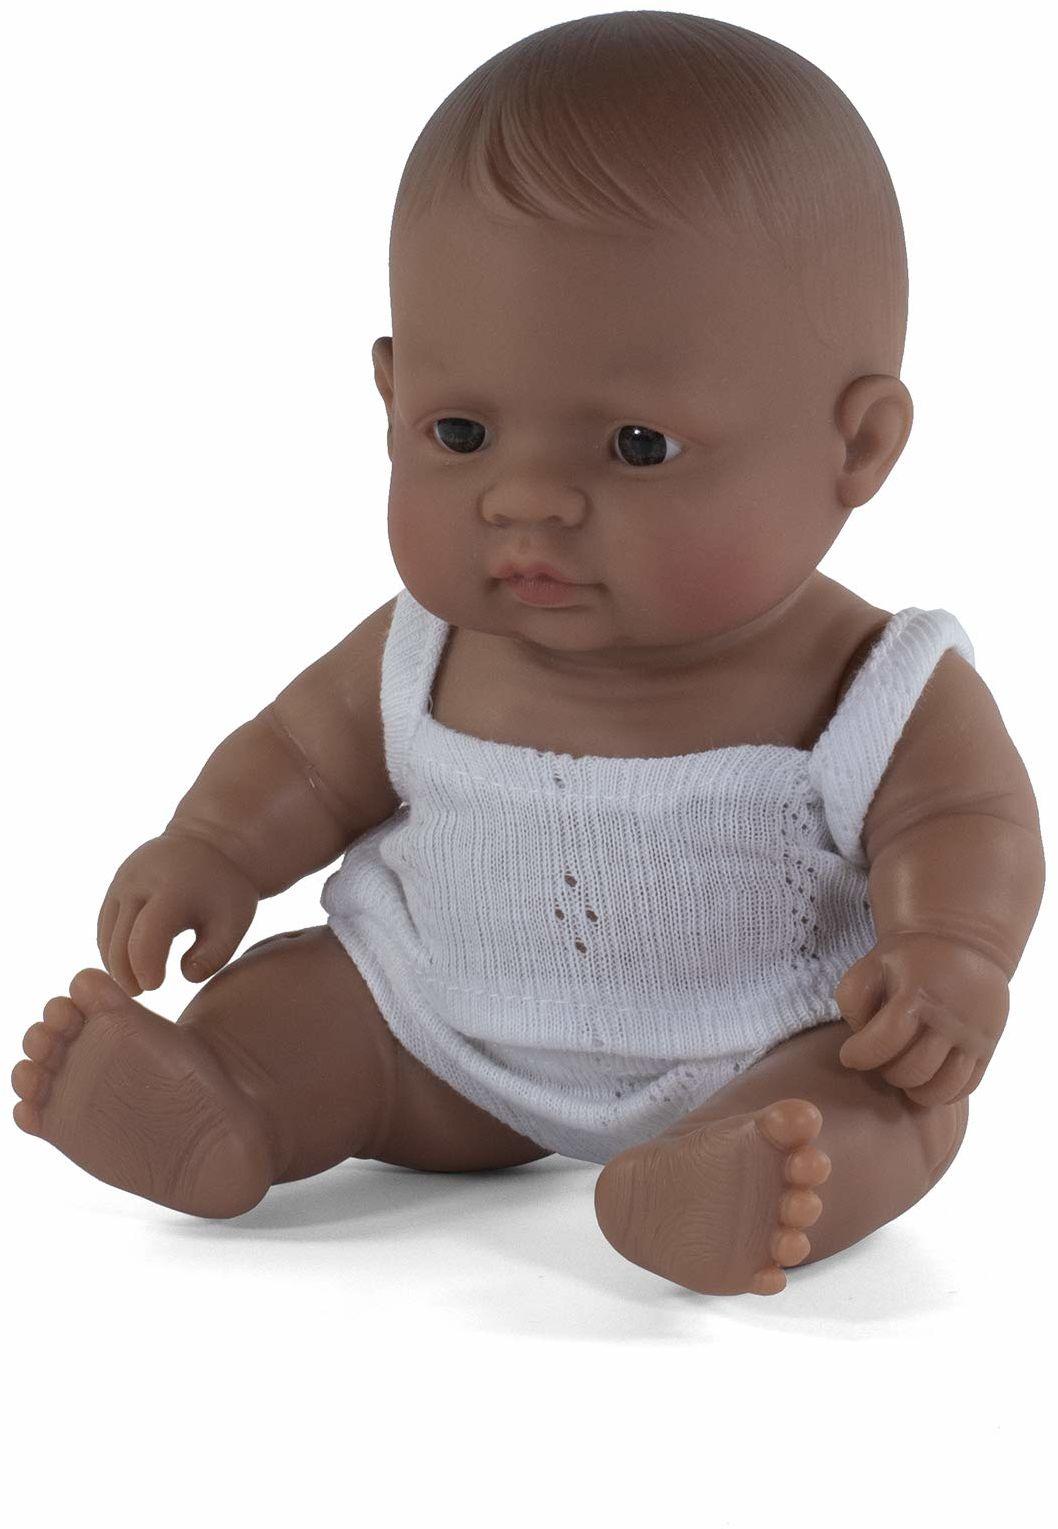 Miniland Miniland31128 dziewczynka dziewczynka hiszpańska 21 cm lalka 31128, wielokolorowa